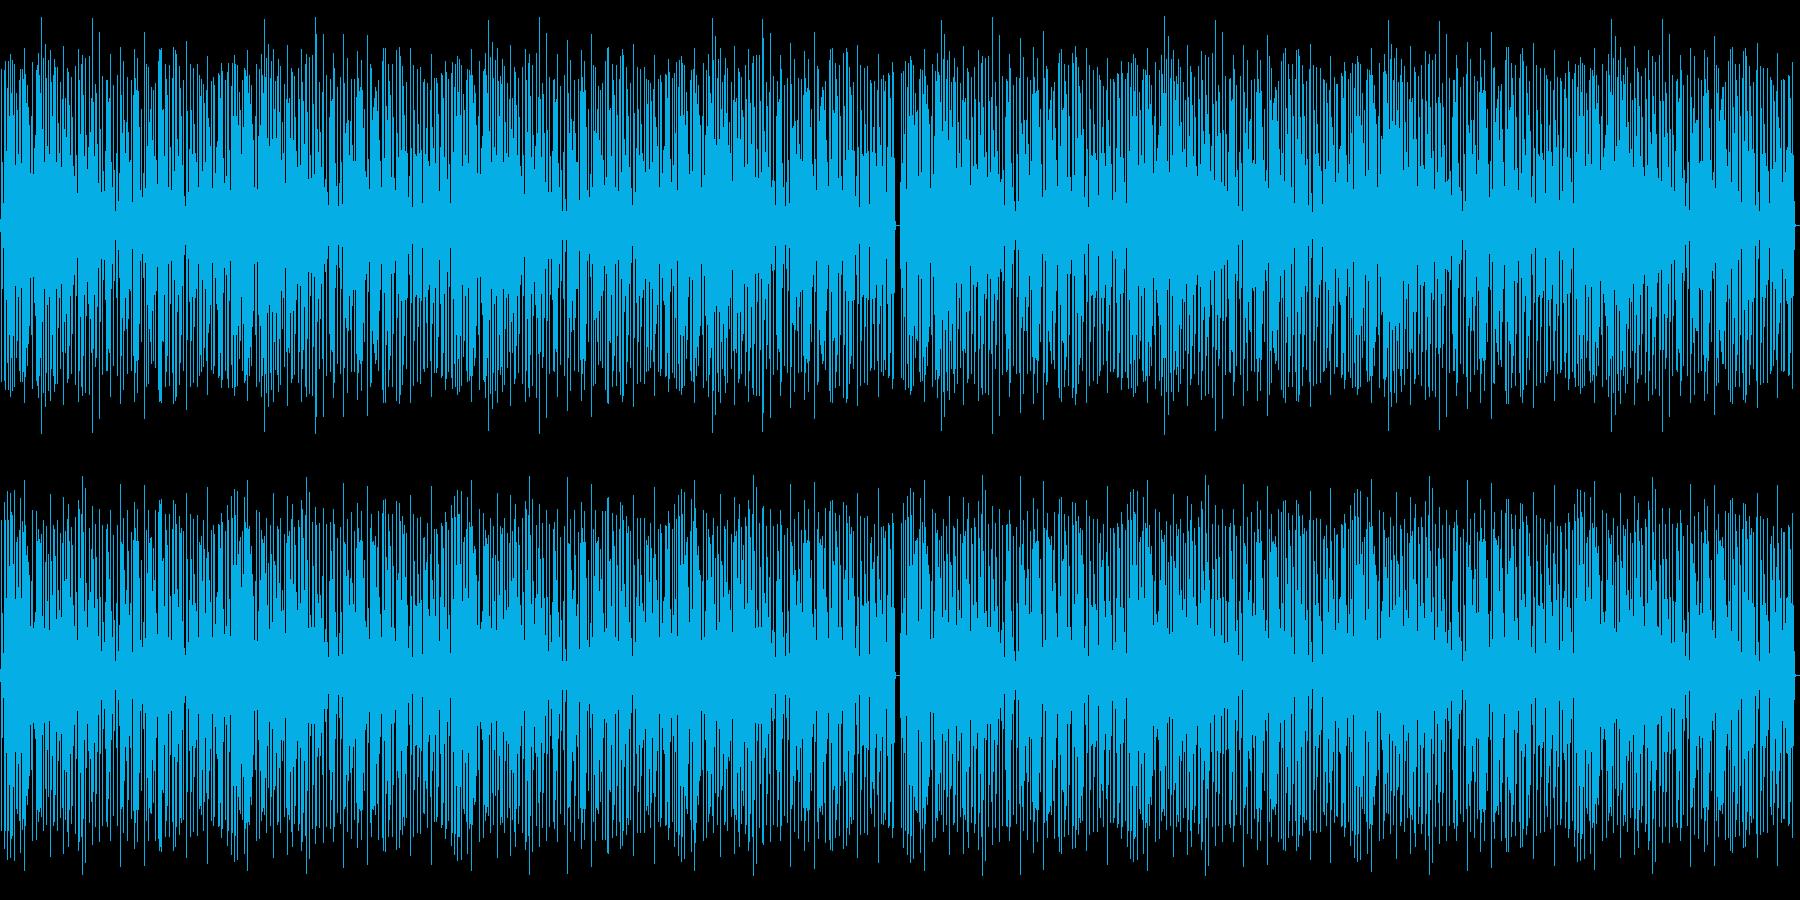 【不気味な雰囲気のポップス】の再生済みの波形